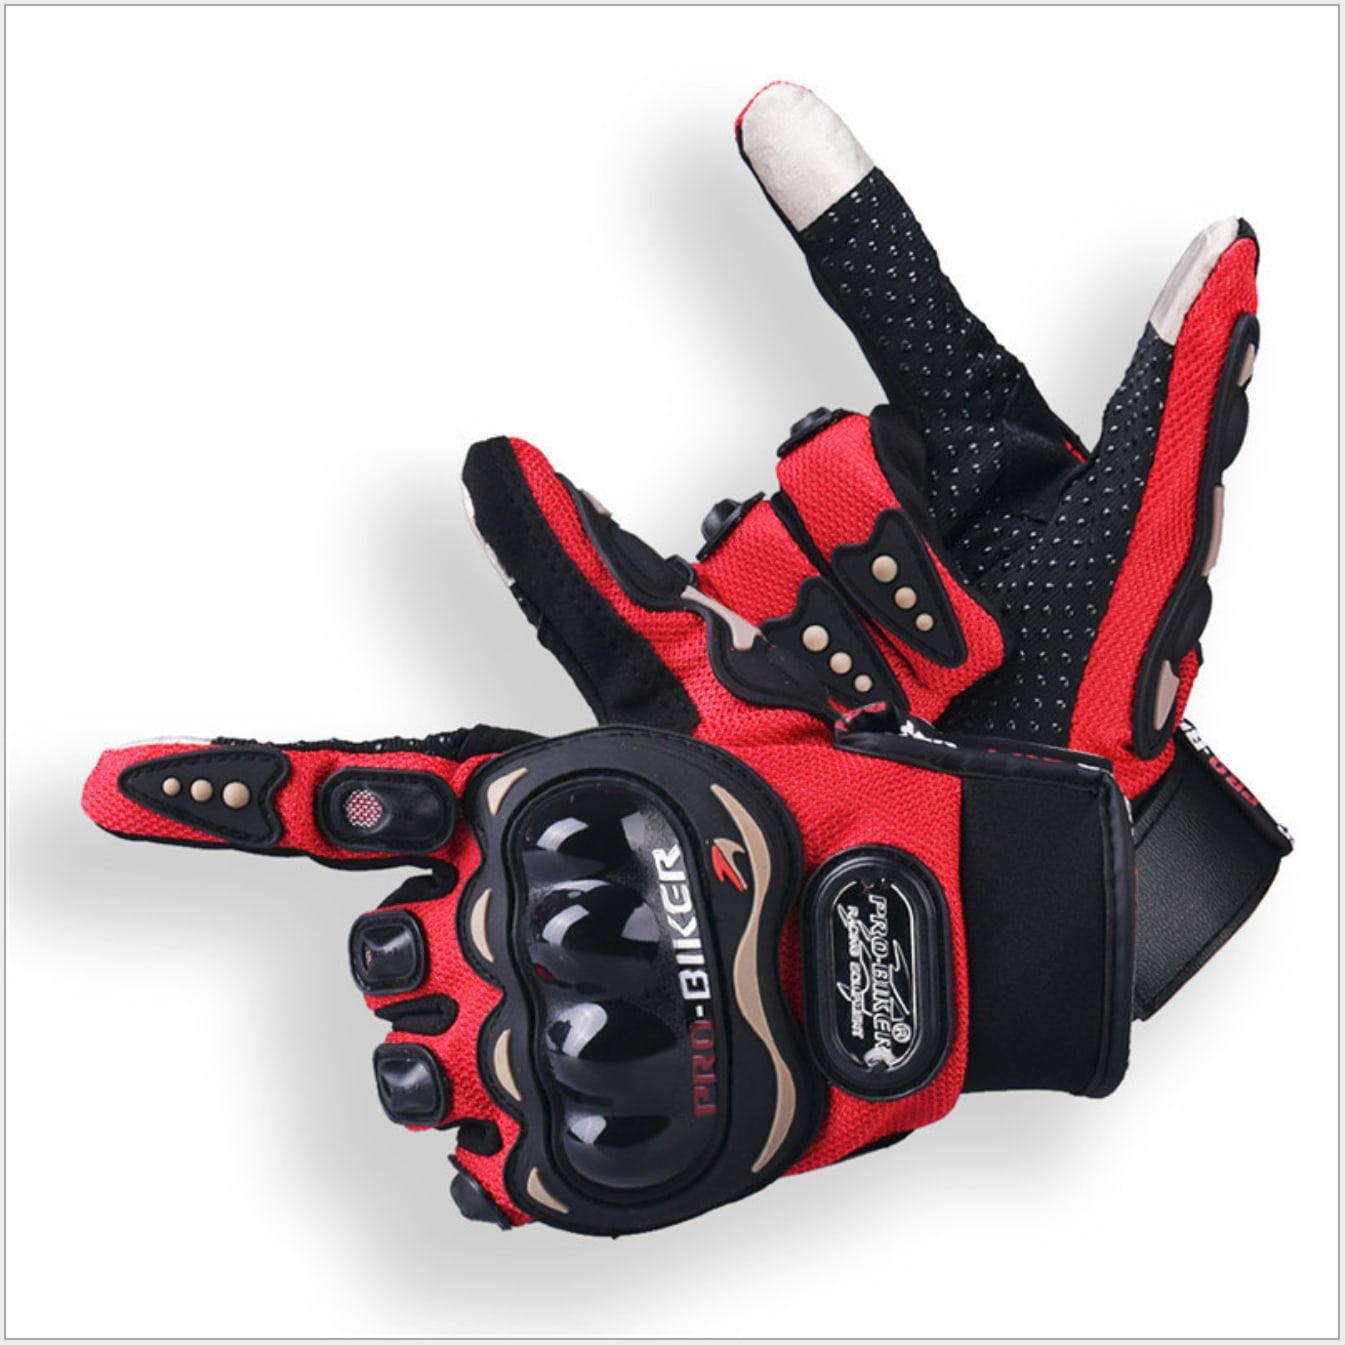 Găng tay xe máy chống nước giữ nhiệt Probiker MTV08